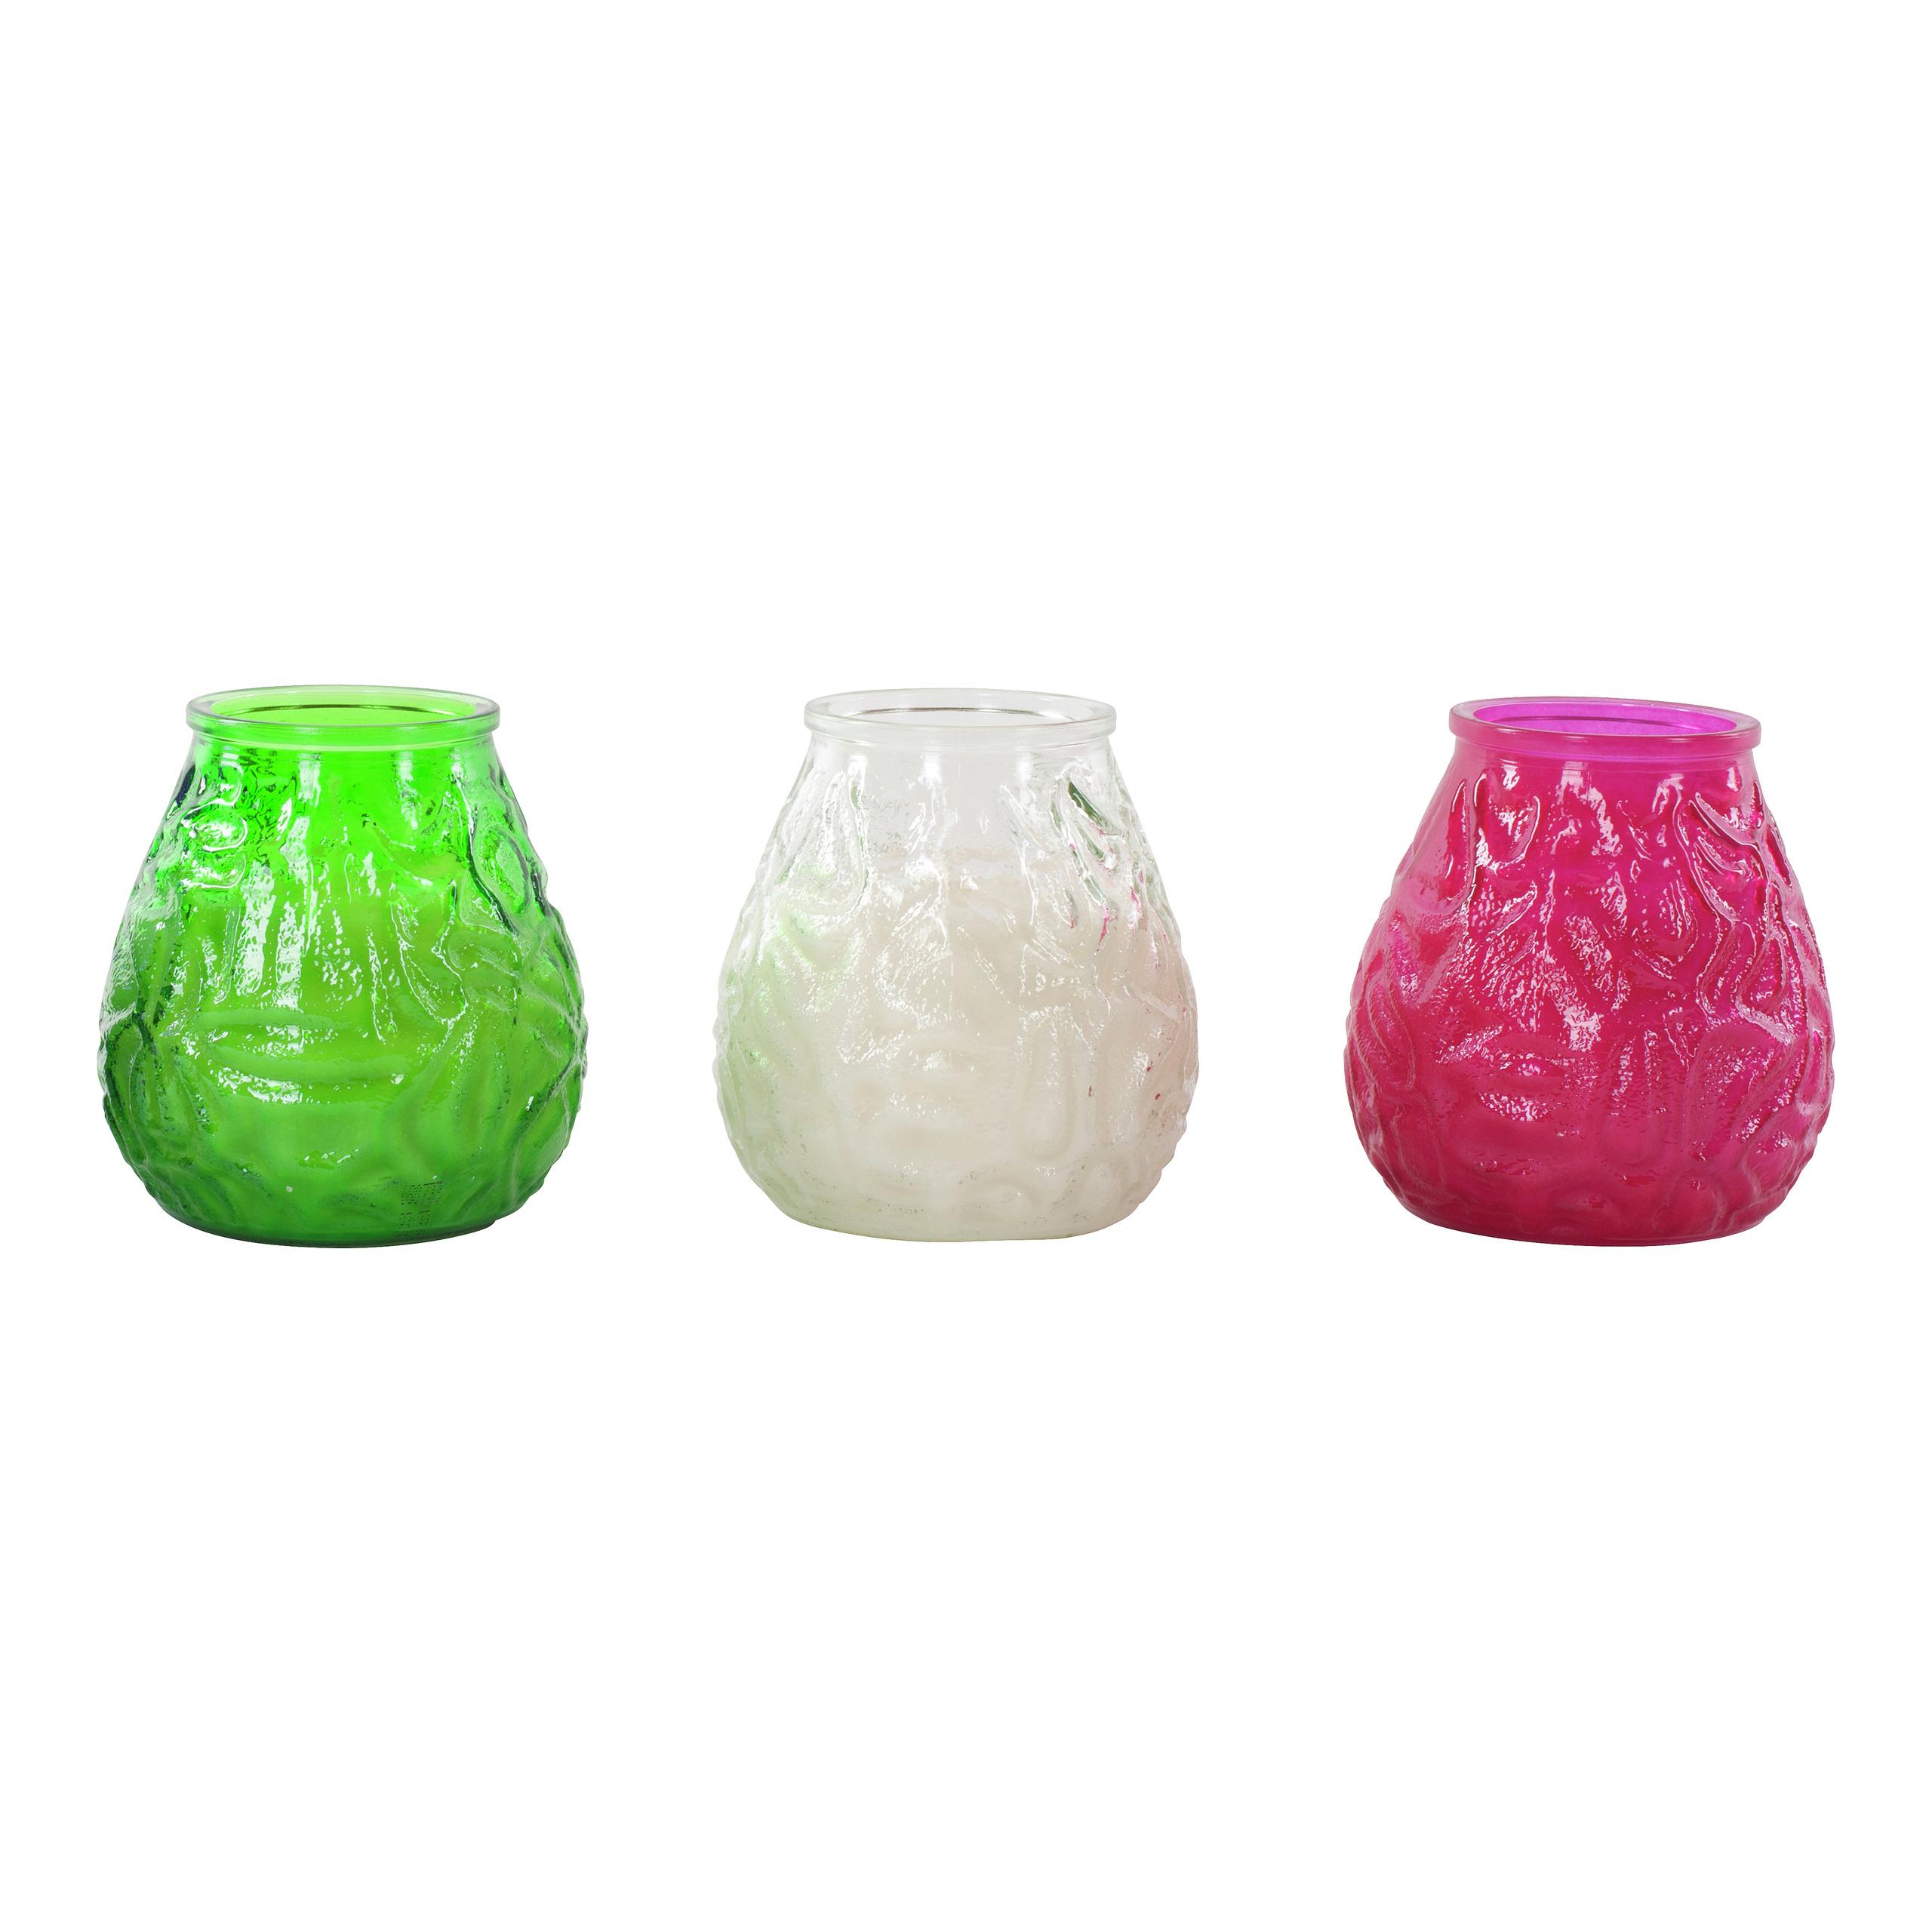 LYS I GLASS LOWBOY V4 70h-STE439